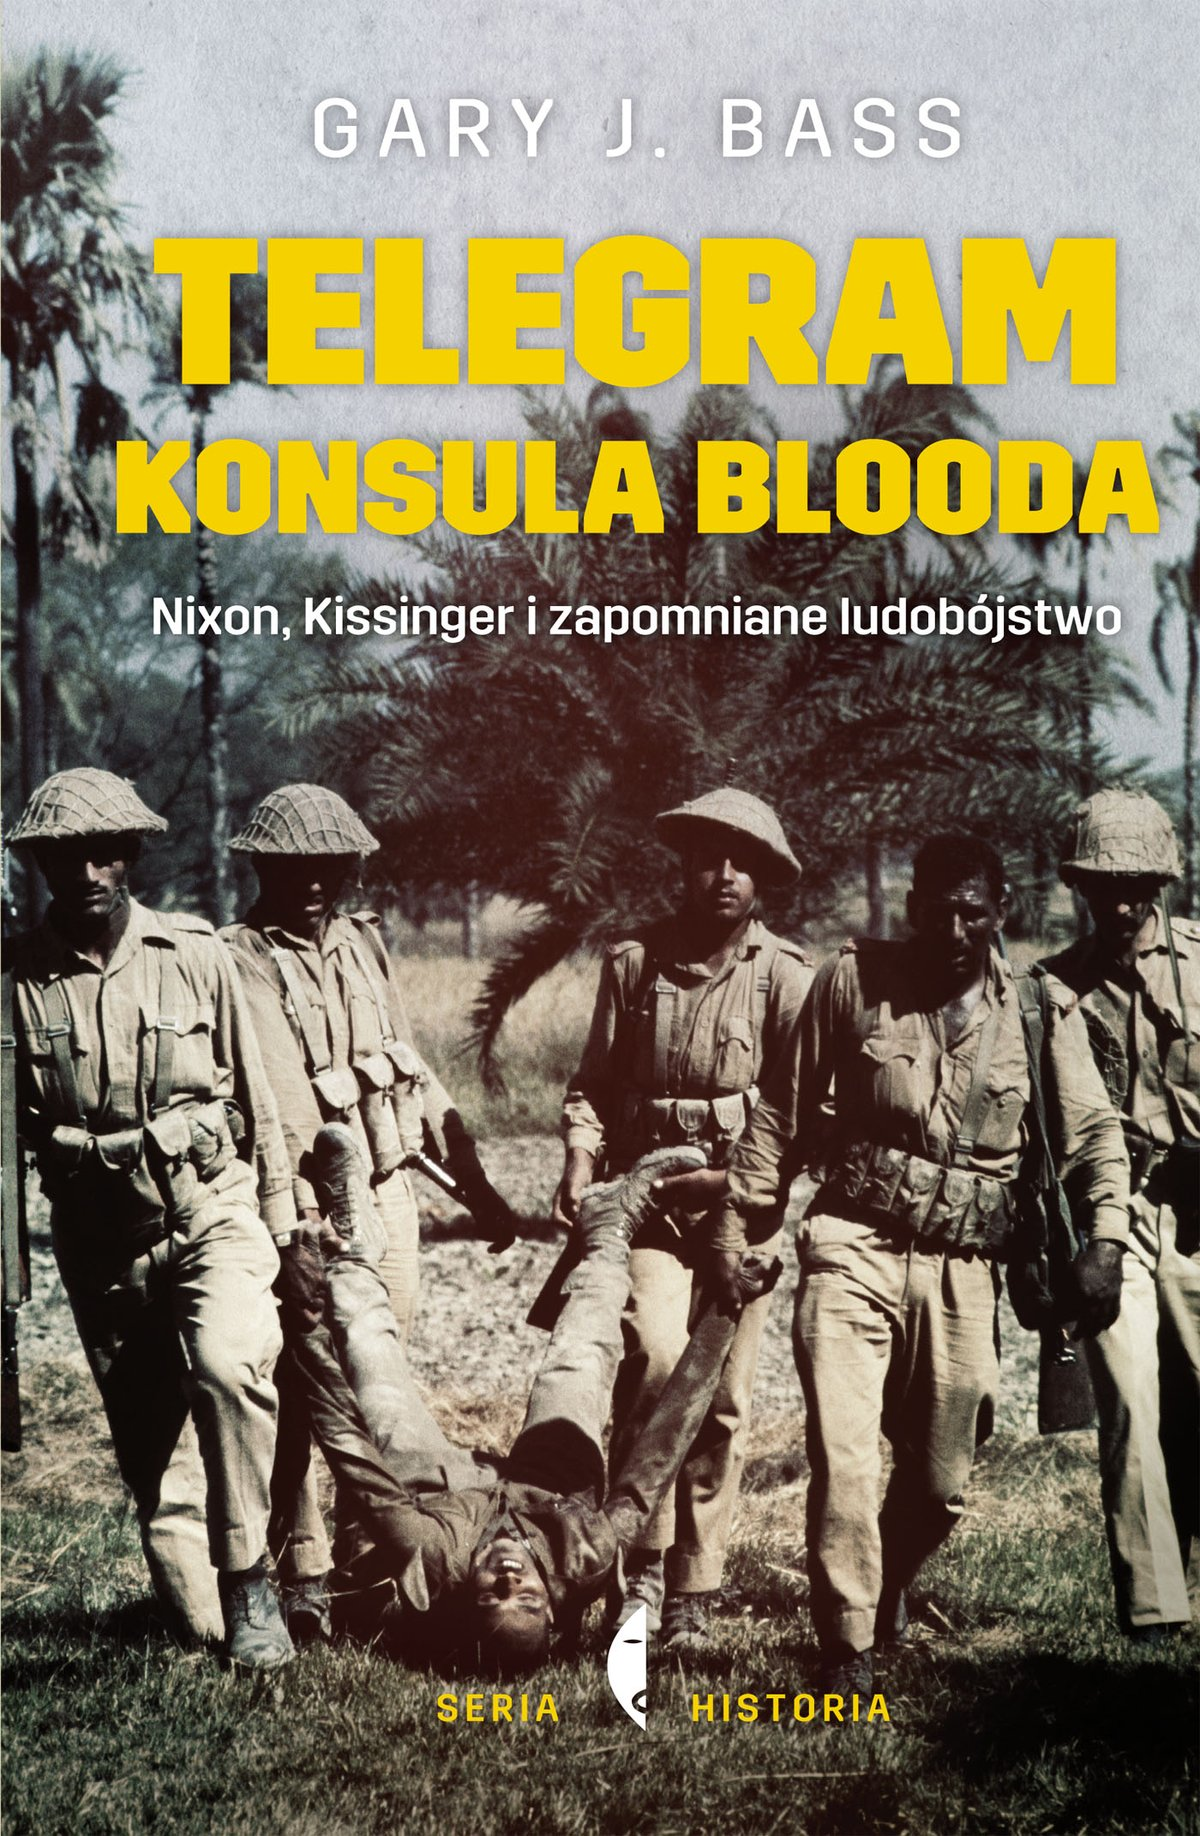 Telegram konsula Blooda - Ebook (Książka EPUB) do pobrania w formacie EPUB